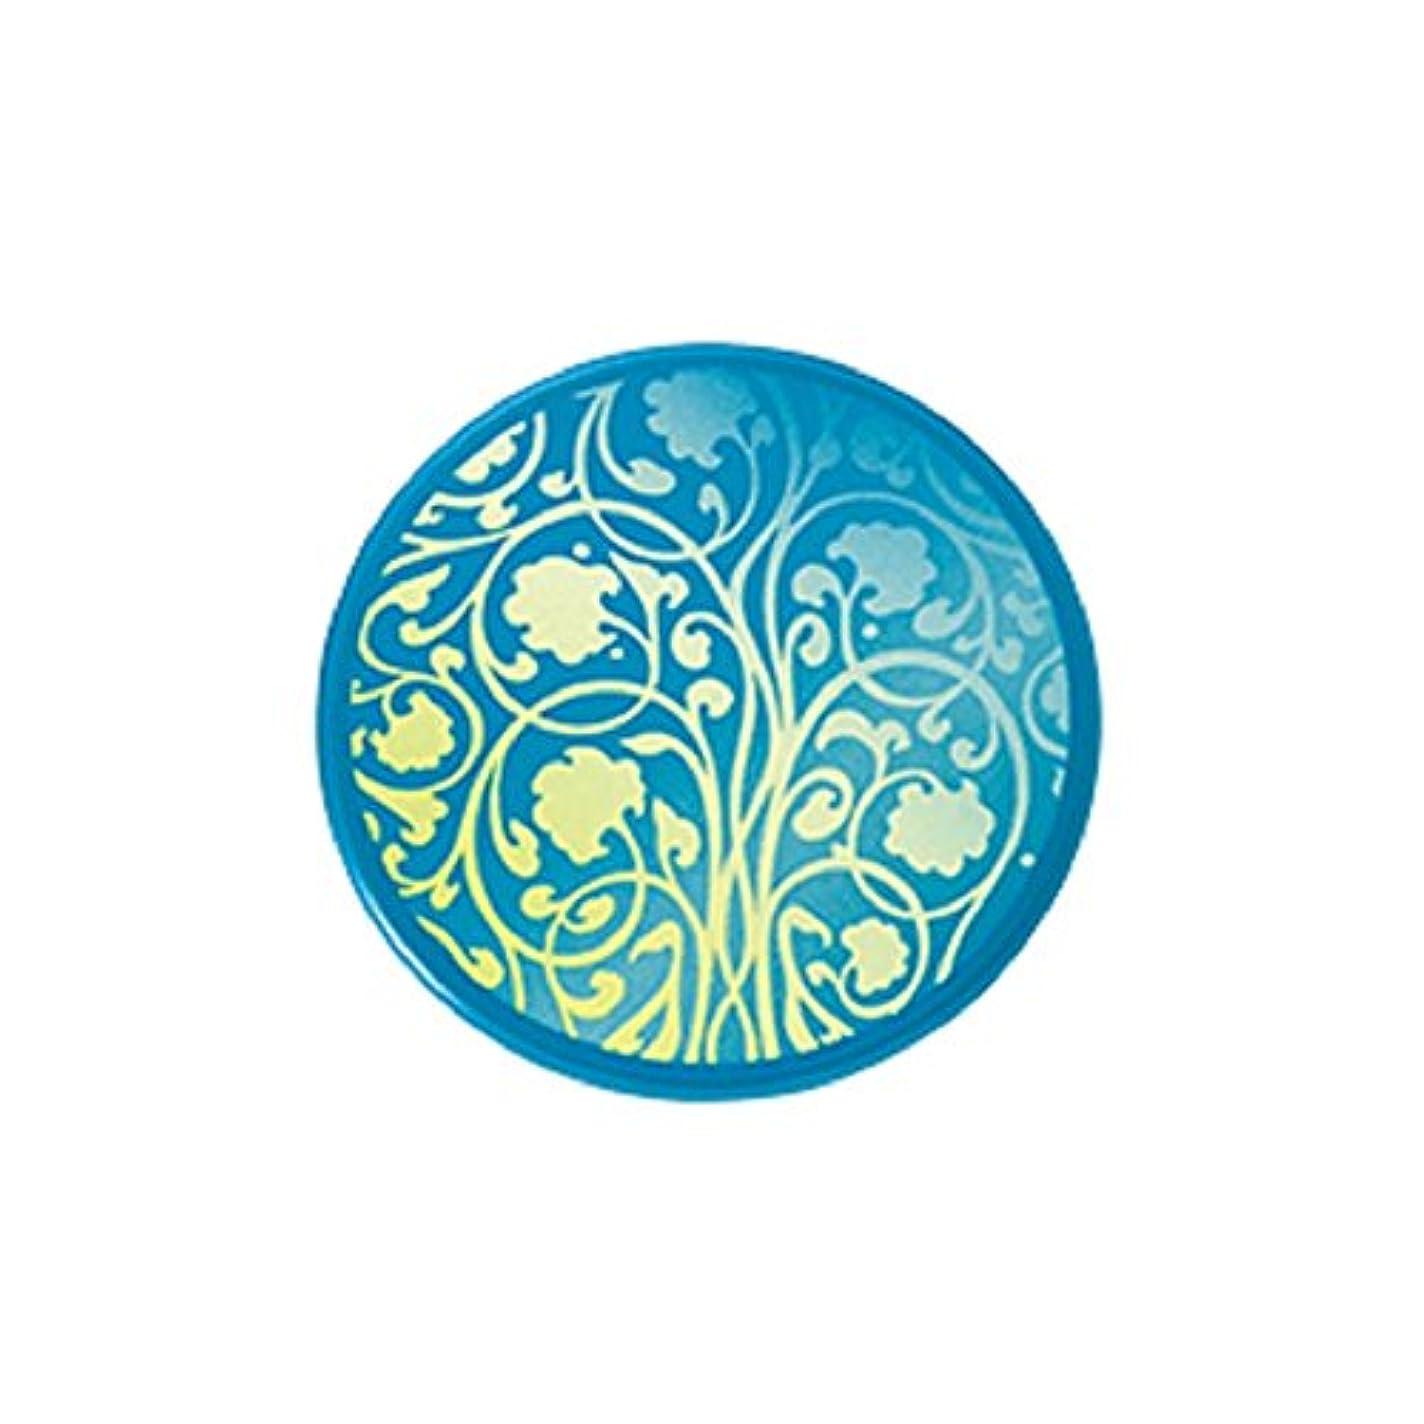 主観的レオナルドダ領事館アユーラ (AYURA) ウェルフィット アロマバーム 14g 〈ソリッドパヒューム〉 心地よい森林の香気